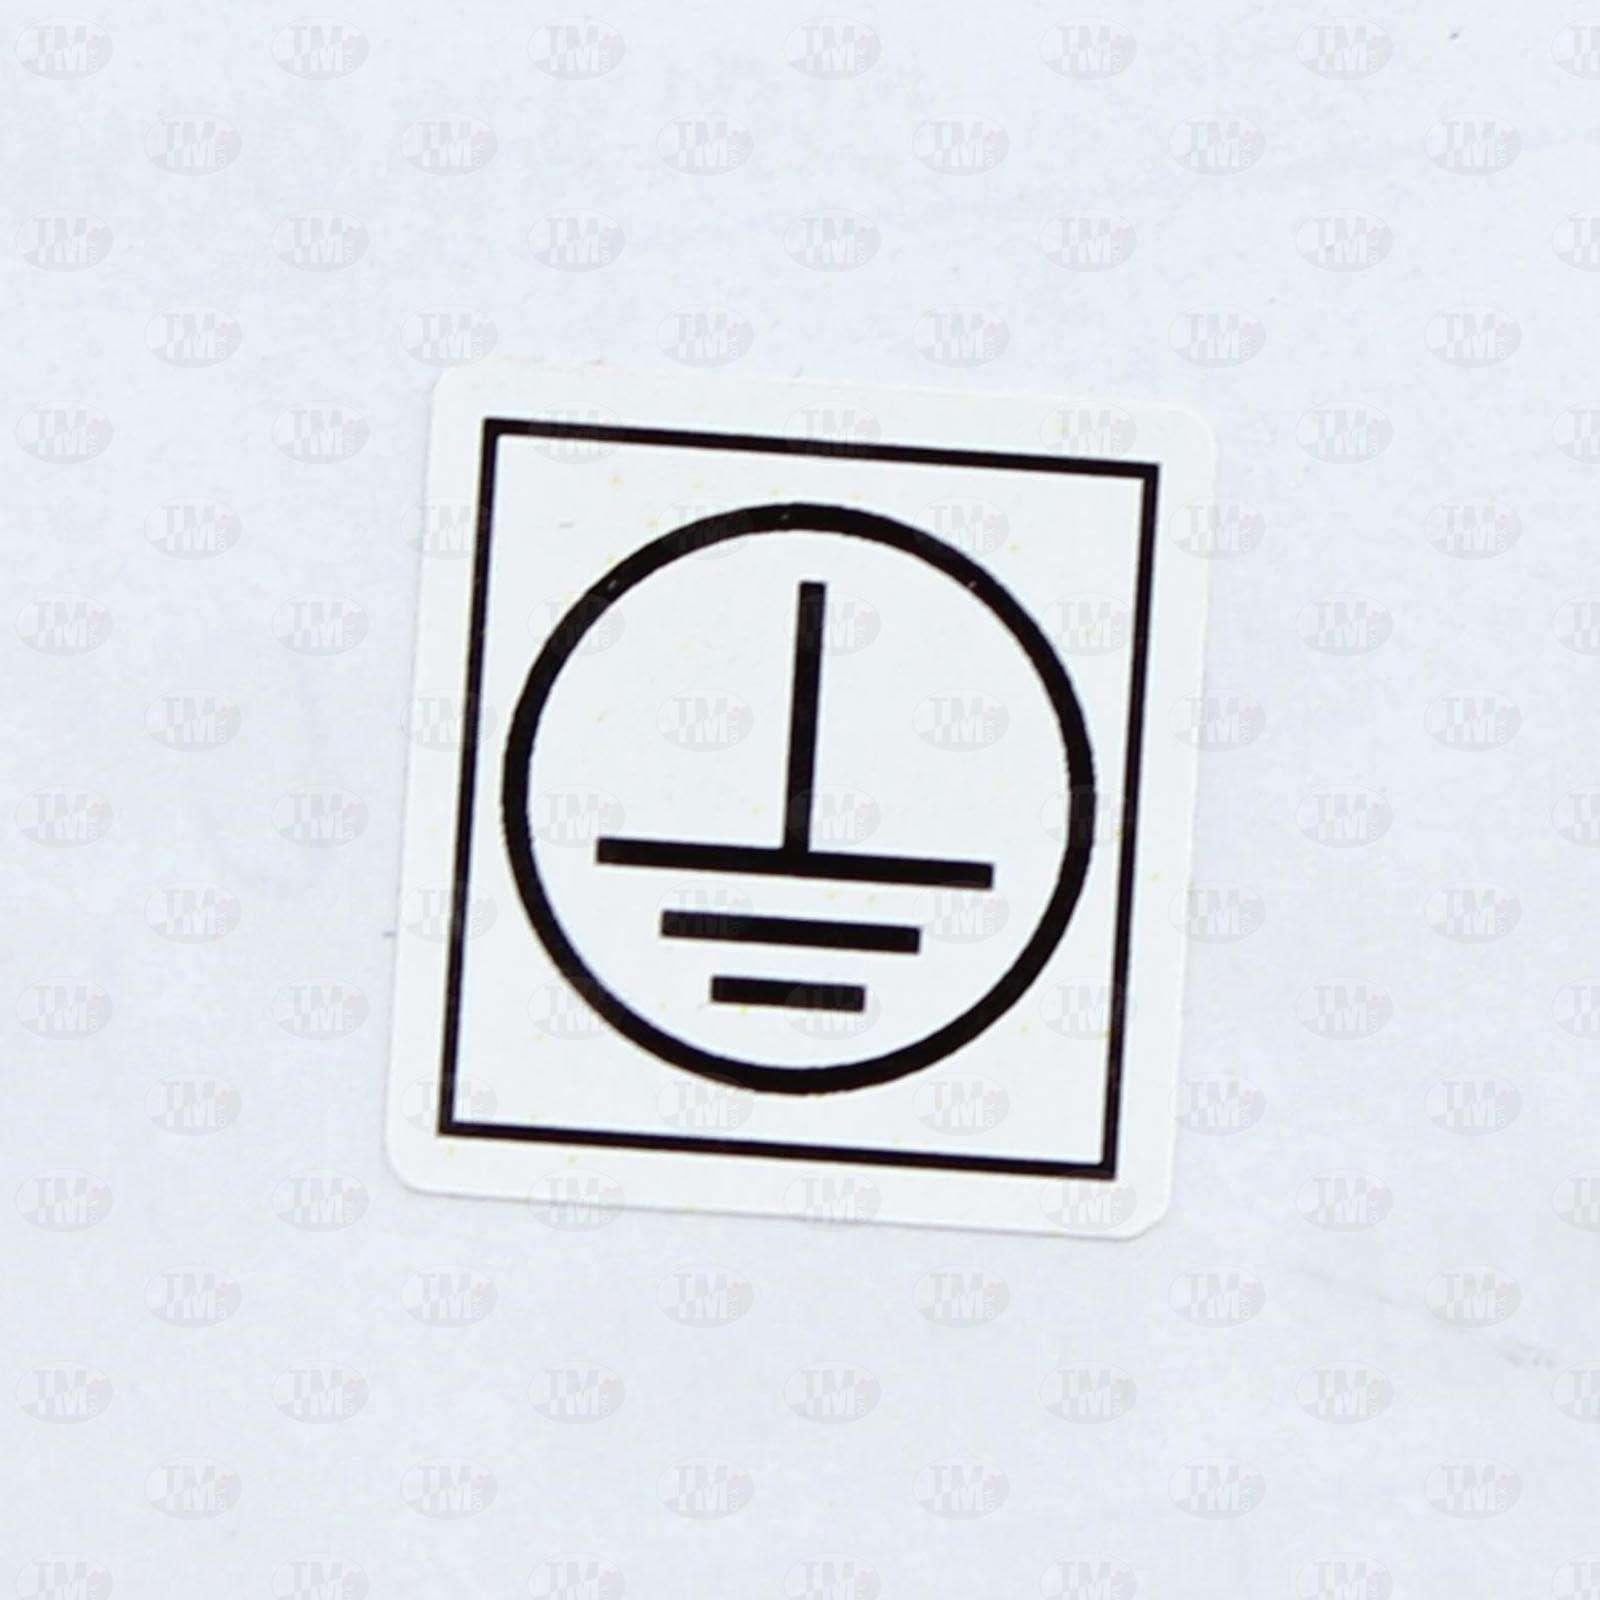 Этикетки 40*40 мм со знаком заземление из белого полиэстера